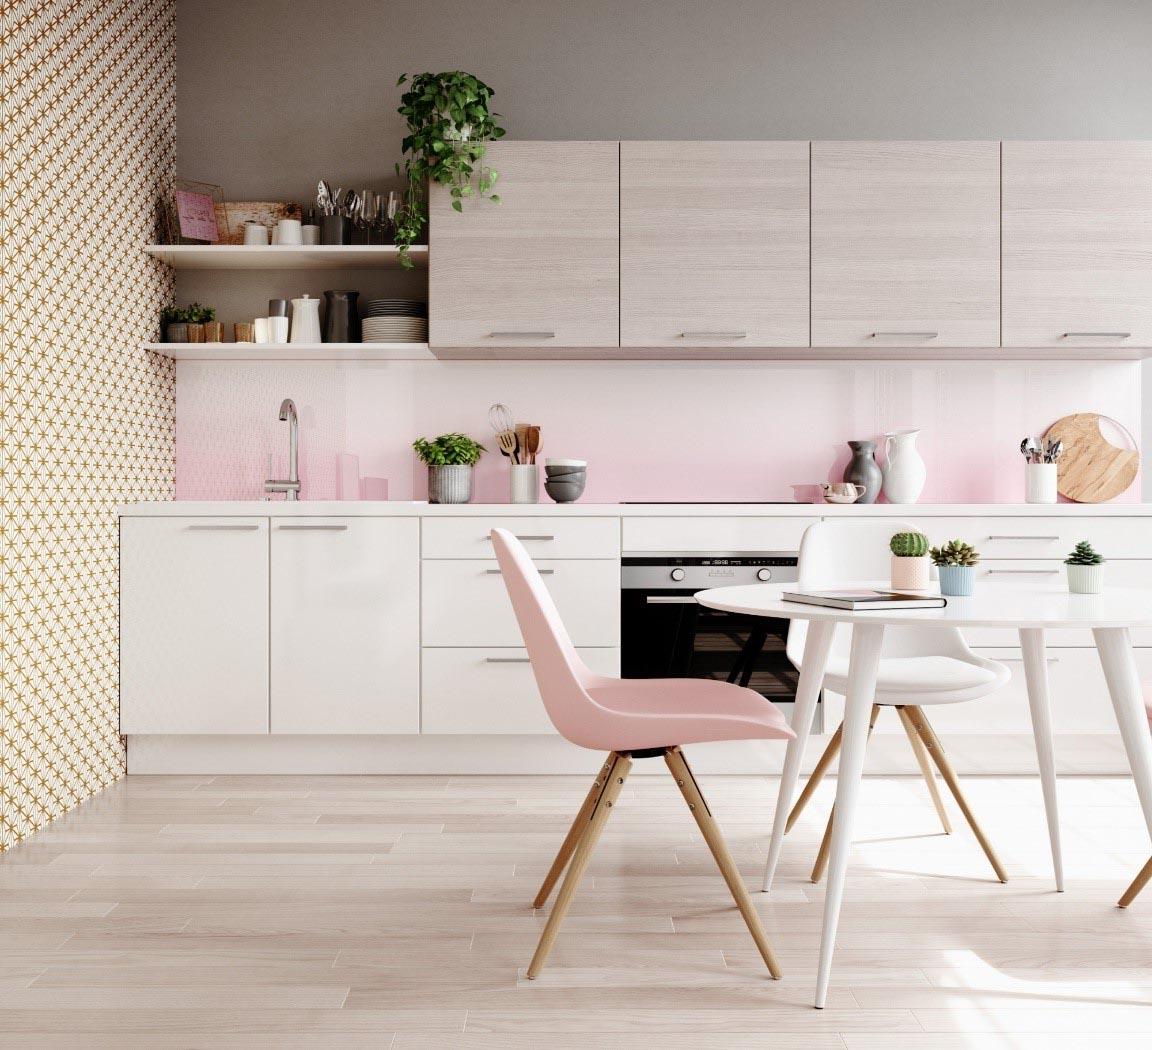 Peinture cuisine : Quelles sont les couleurs tendance en 18 ?